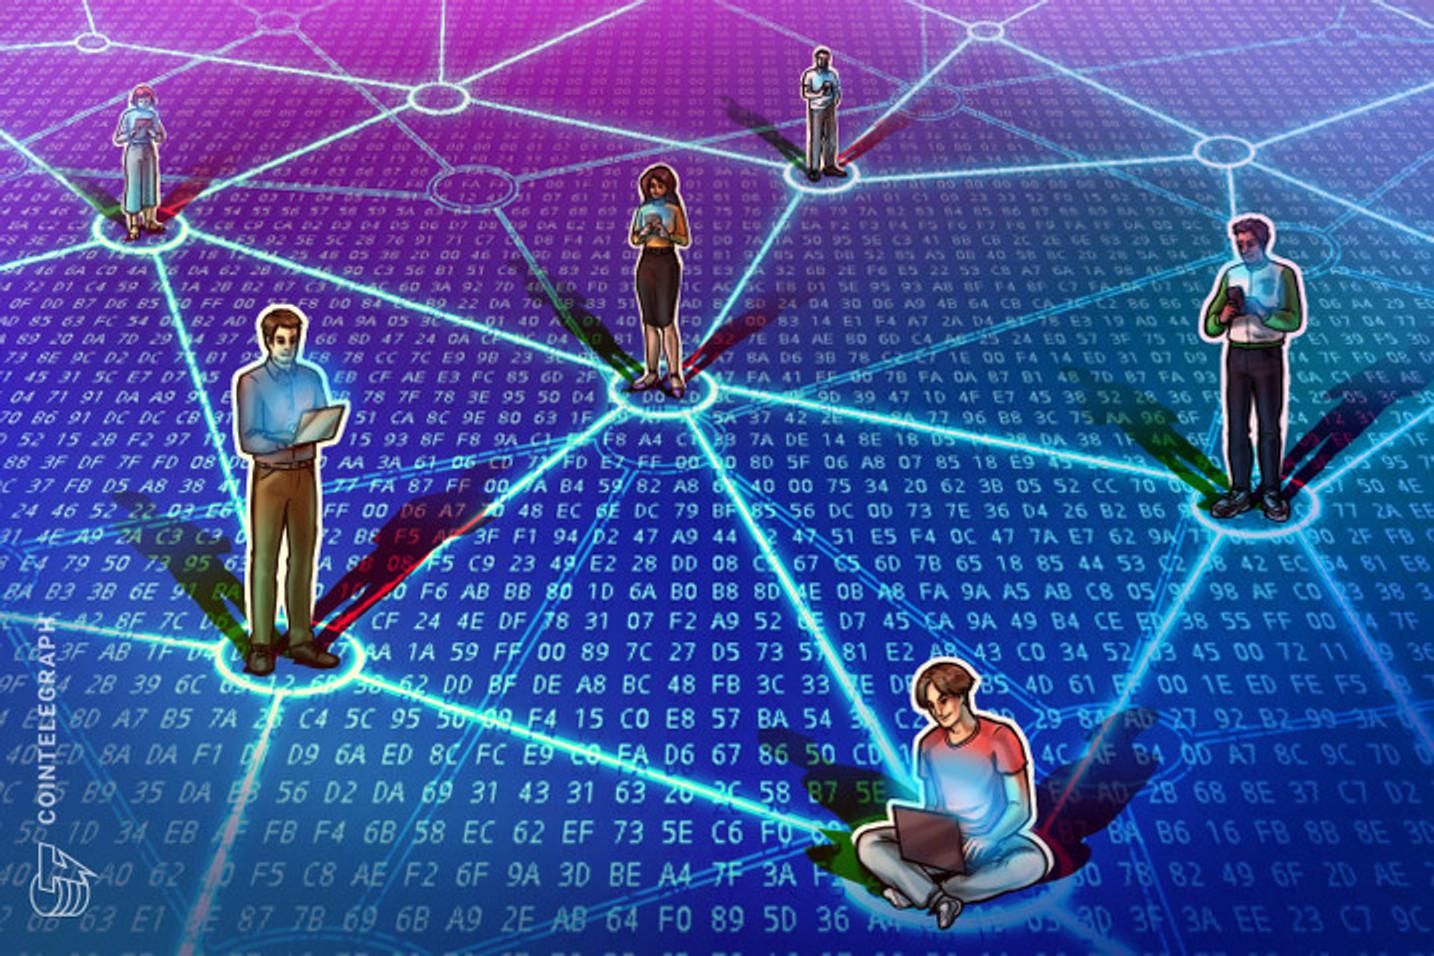 Mercado perpétuo de Bitcoin entra em operação em exchange descentralizada